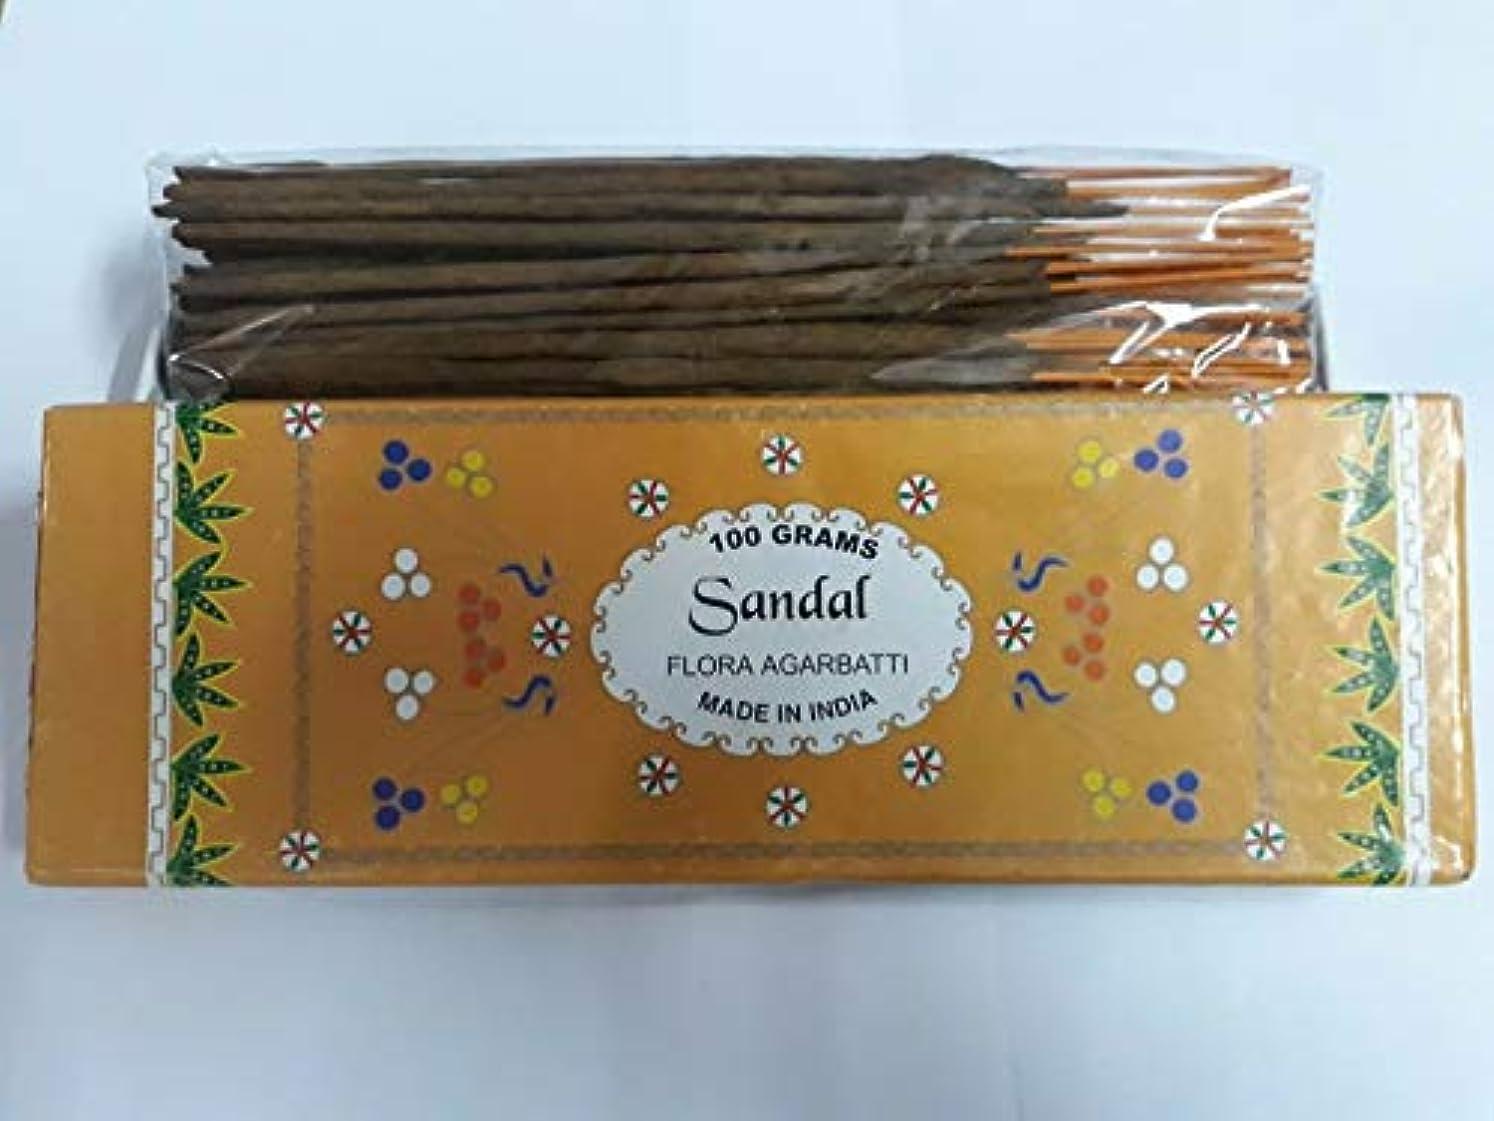 スモッグに対して優しさSandal (Chandan) サンダル Agarbatti Incense Sticks 線香 100 grams Flora Incense Agarbatti フローラ線香